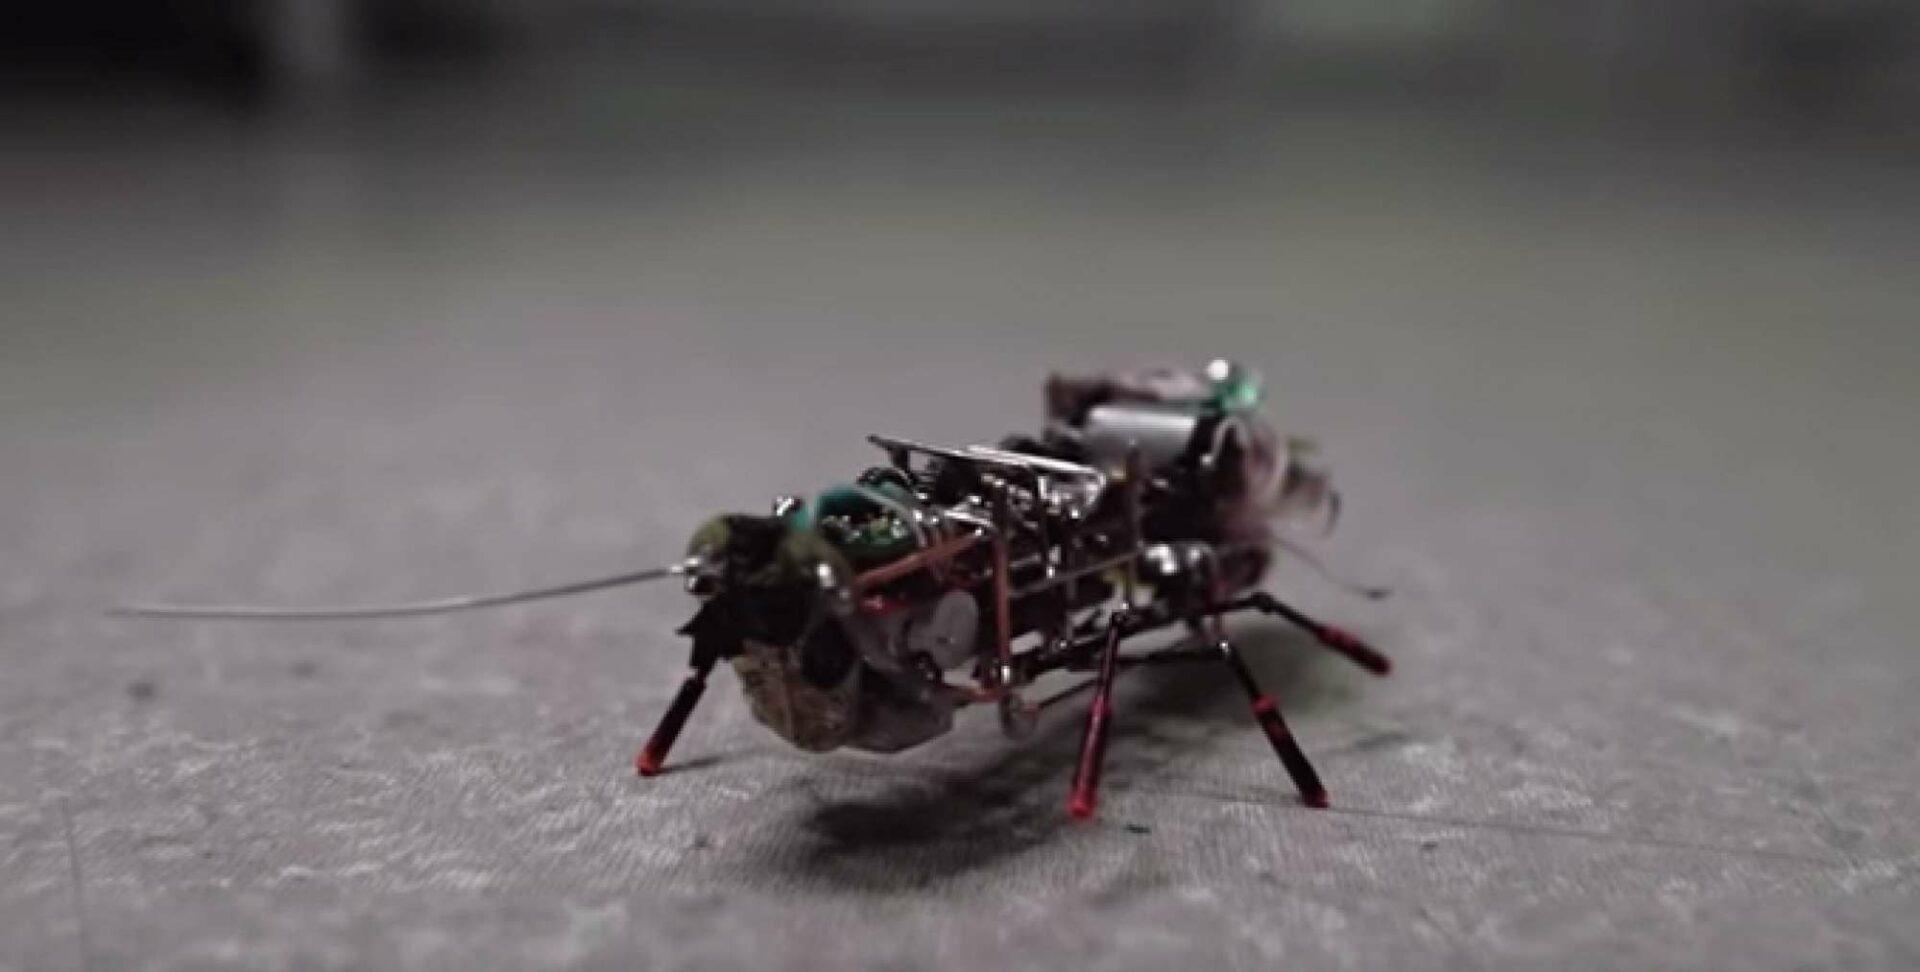 Робот-таракан инженеров из США сможет выявлять утечки газа и искать людей